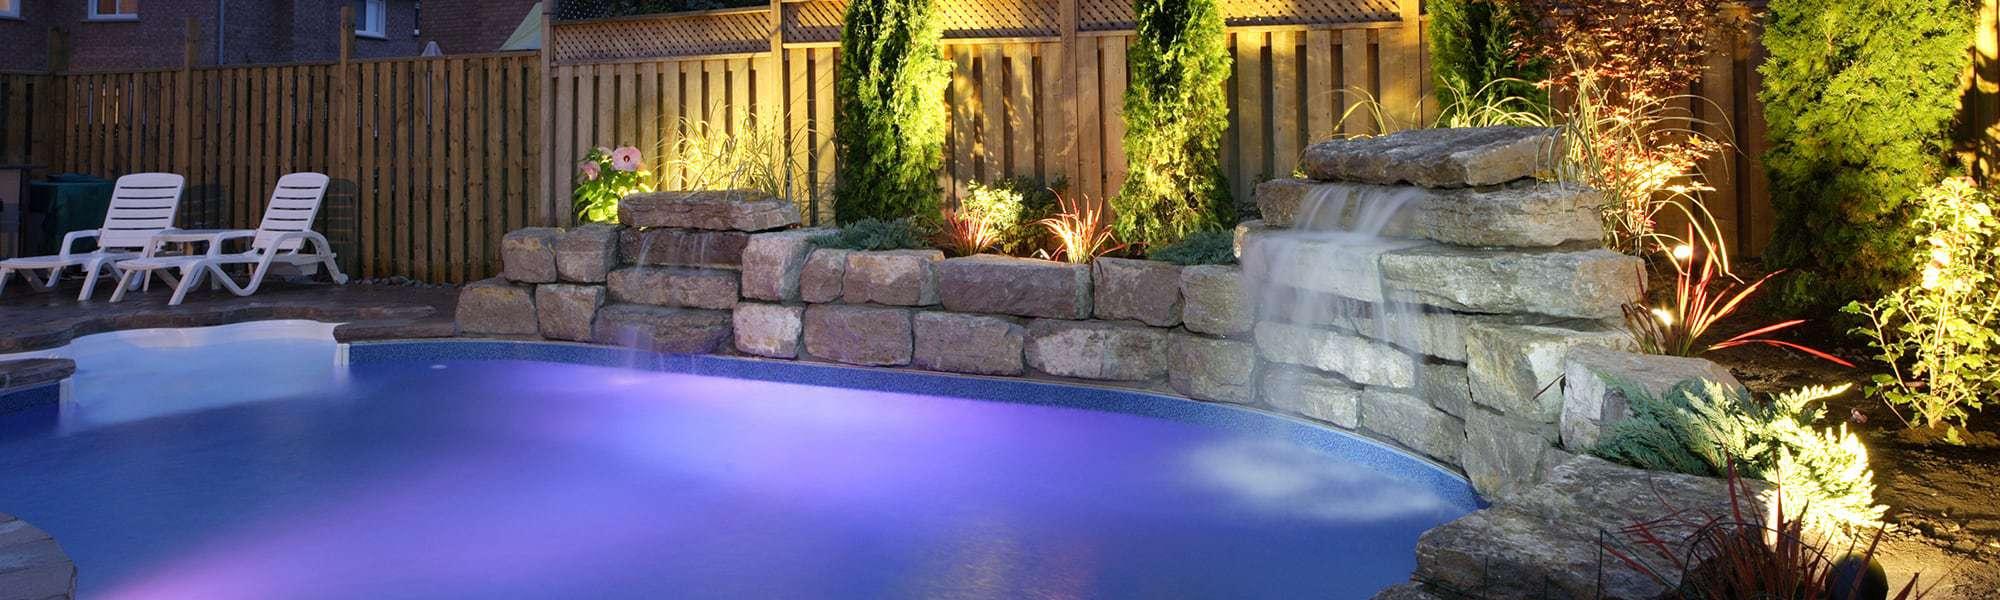 rénover sa piscine et sécurité